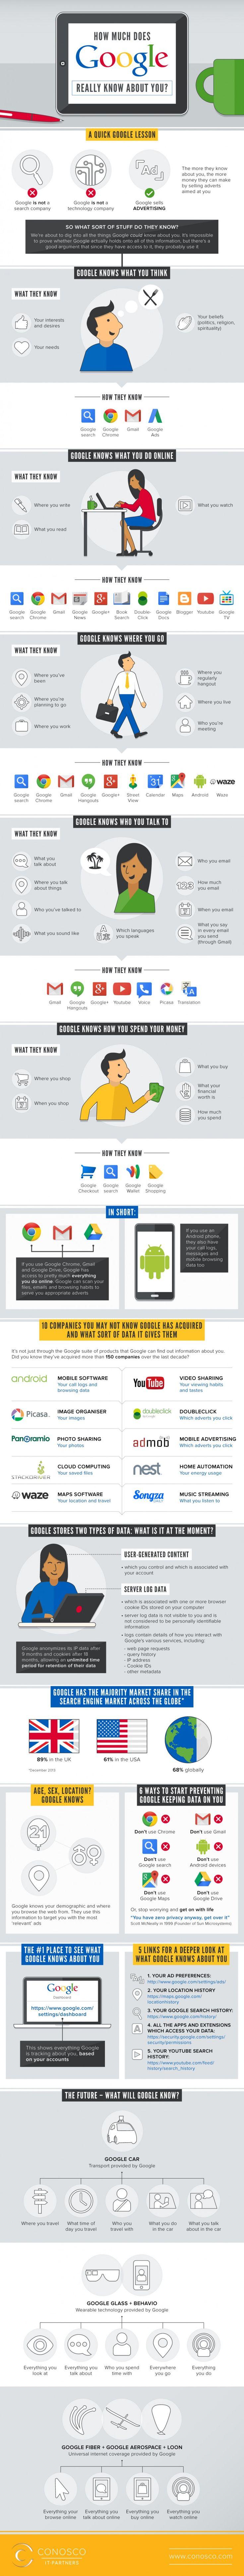 Google en sait beaucoup plus sur vous que vous ne le pensez !